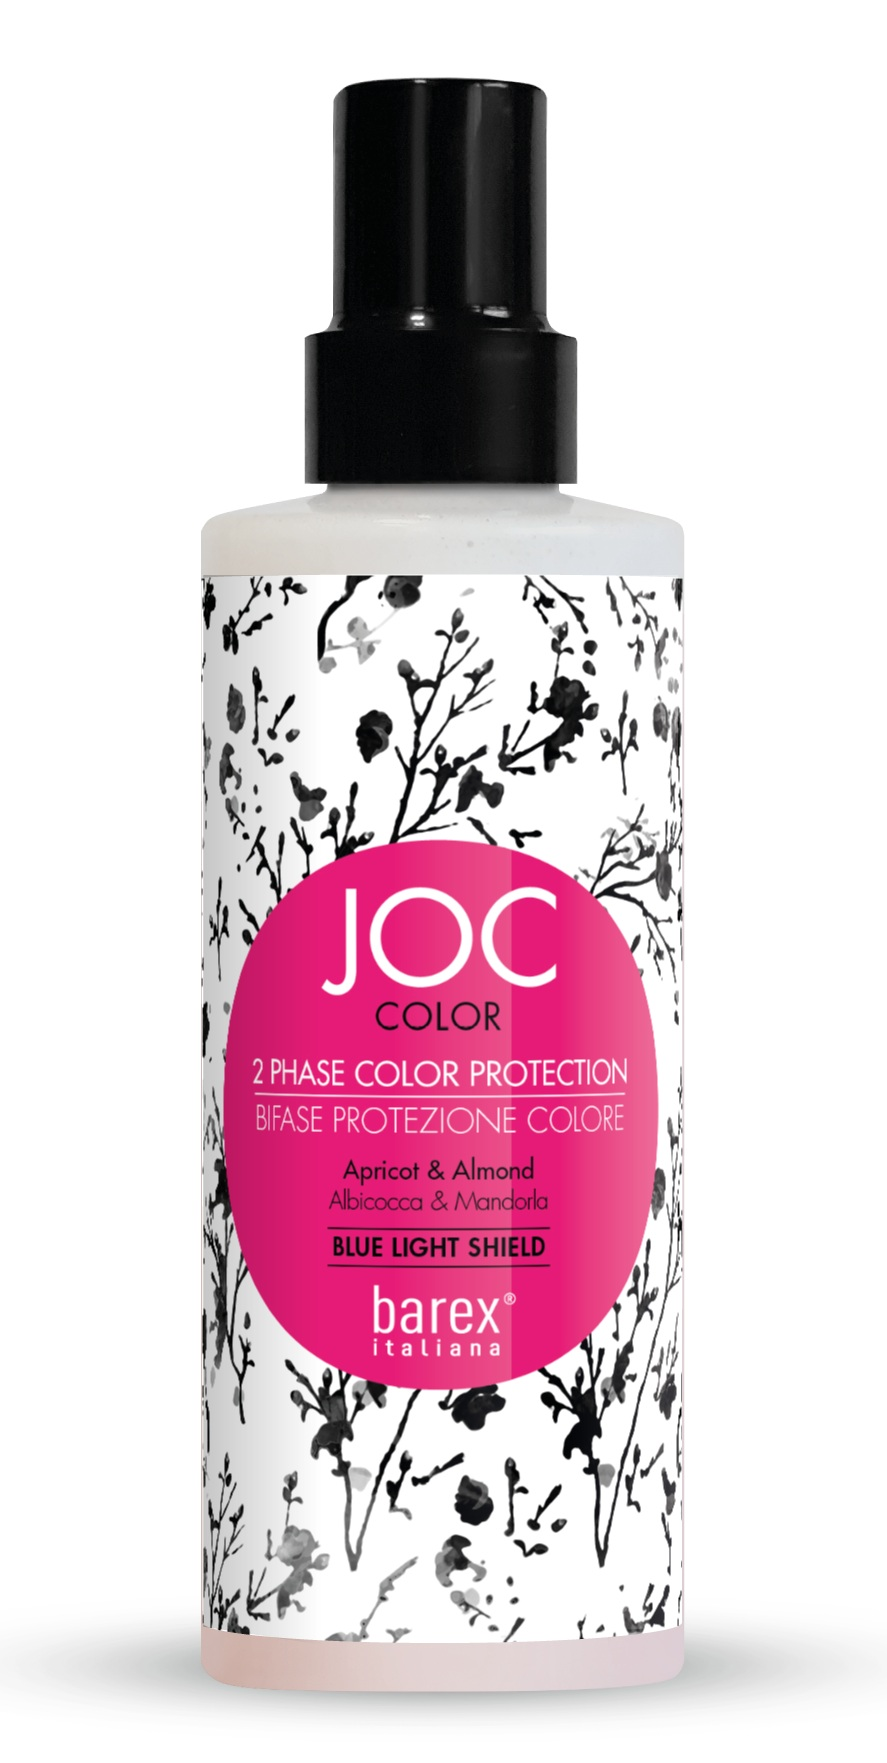 Купить BAREX Спрей-кондиционер двухфазный для волос Стойкость цвета, абрикос и миндаль / JOC COLOR 200 мл